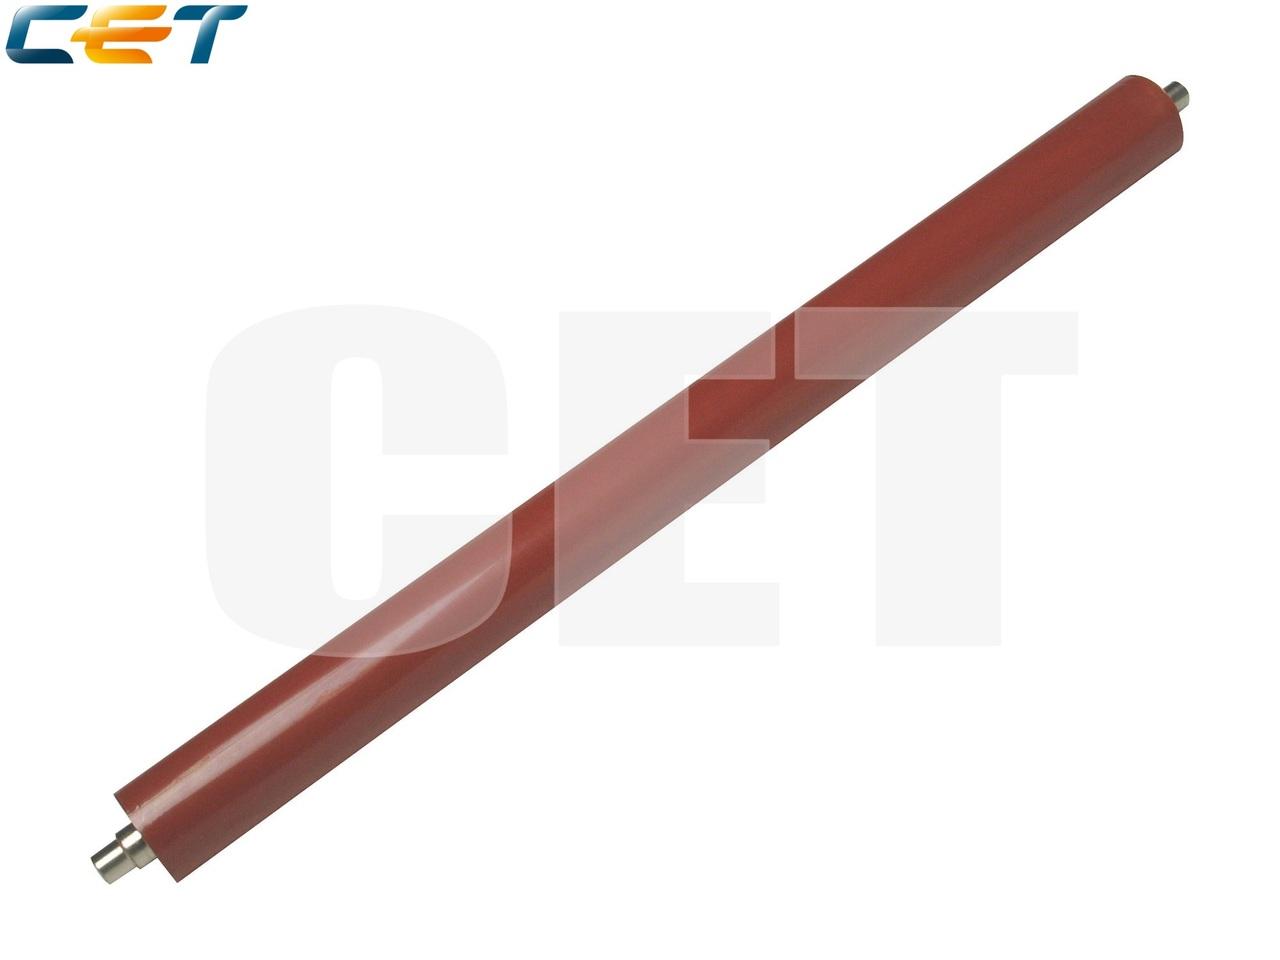 Резиновый вал 2C920060, 2C920061 для KYOCERAKM-1620/1650/2050/2550/1635/2035 (CET), CET3382